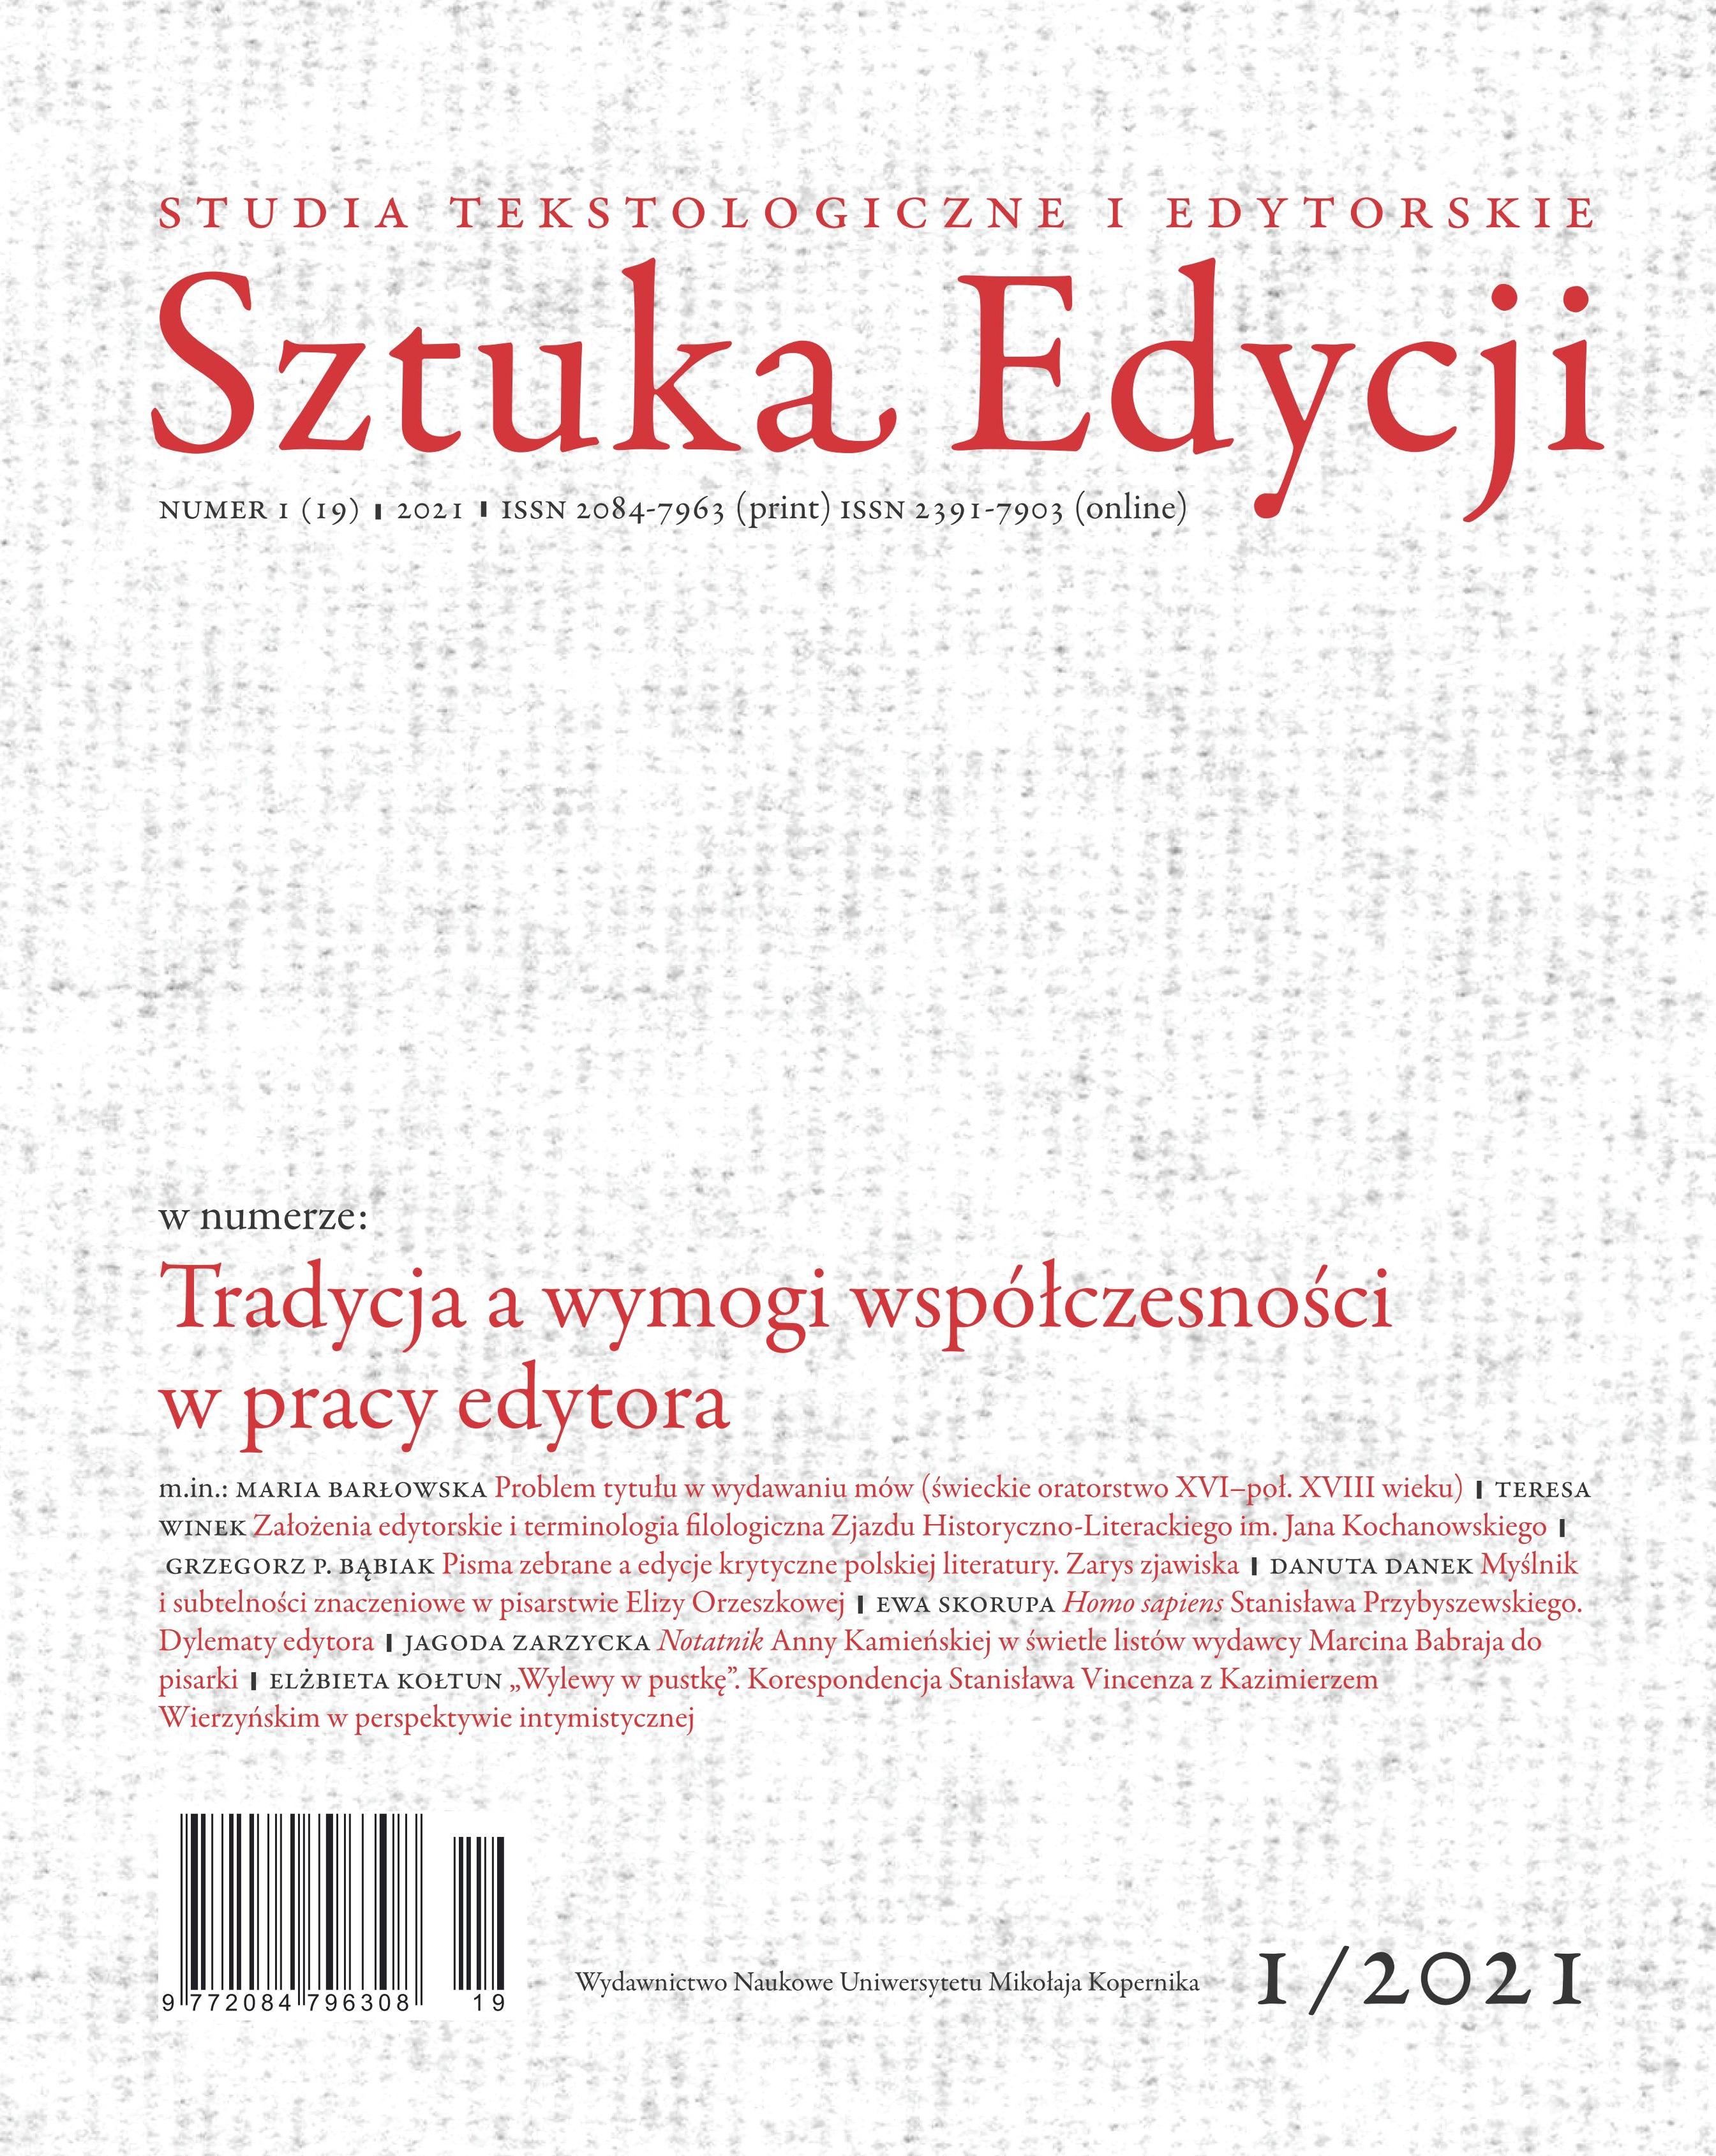 Pokaż  Tom 19 Nr 1 (2021): Tradycja a wymogi współczesności w pracy edytora, pod red. Mirosława Strzyżewskiego